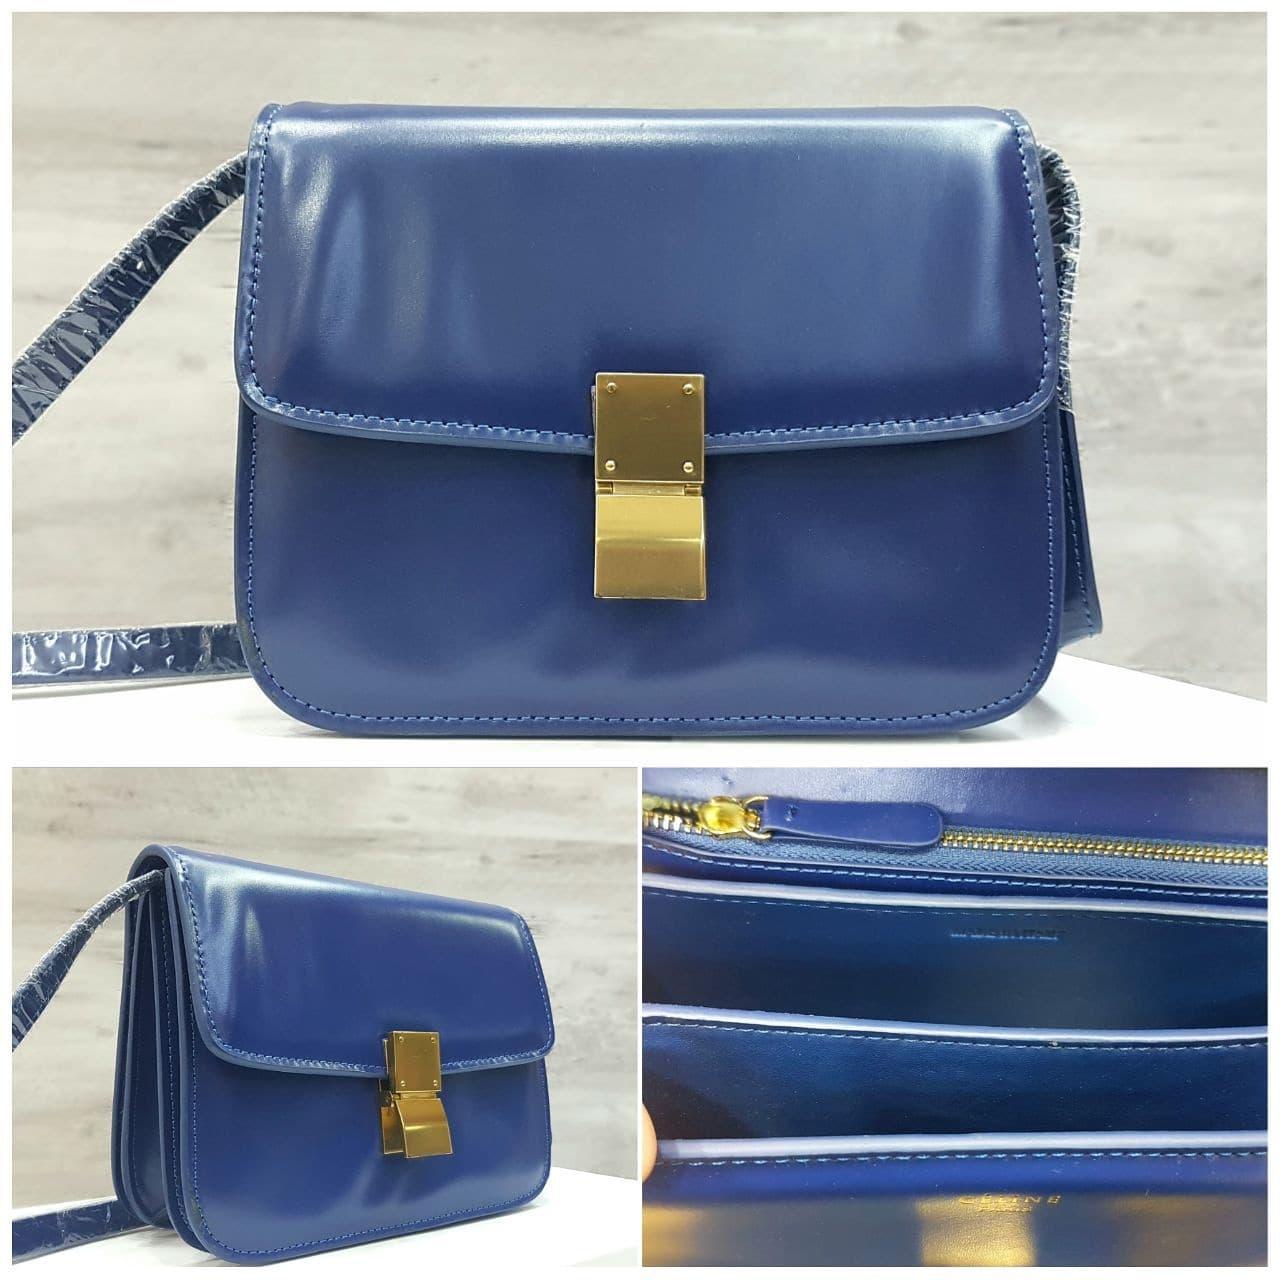 CELINE Box Bag Mirror Quality Tas Hand Bag Wanita NAVY BLUE